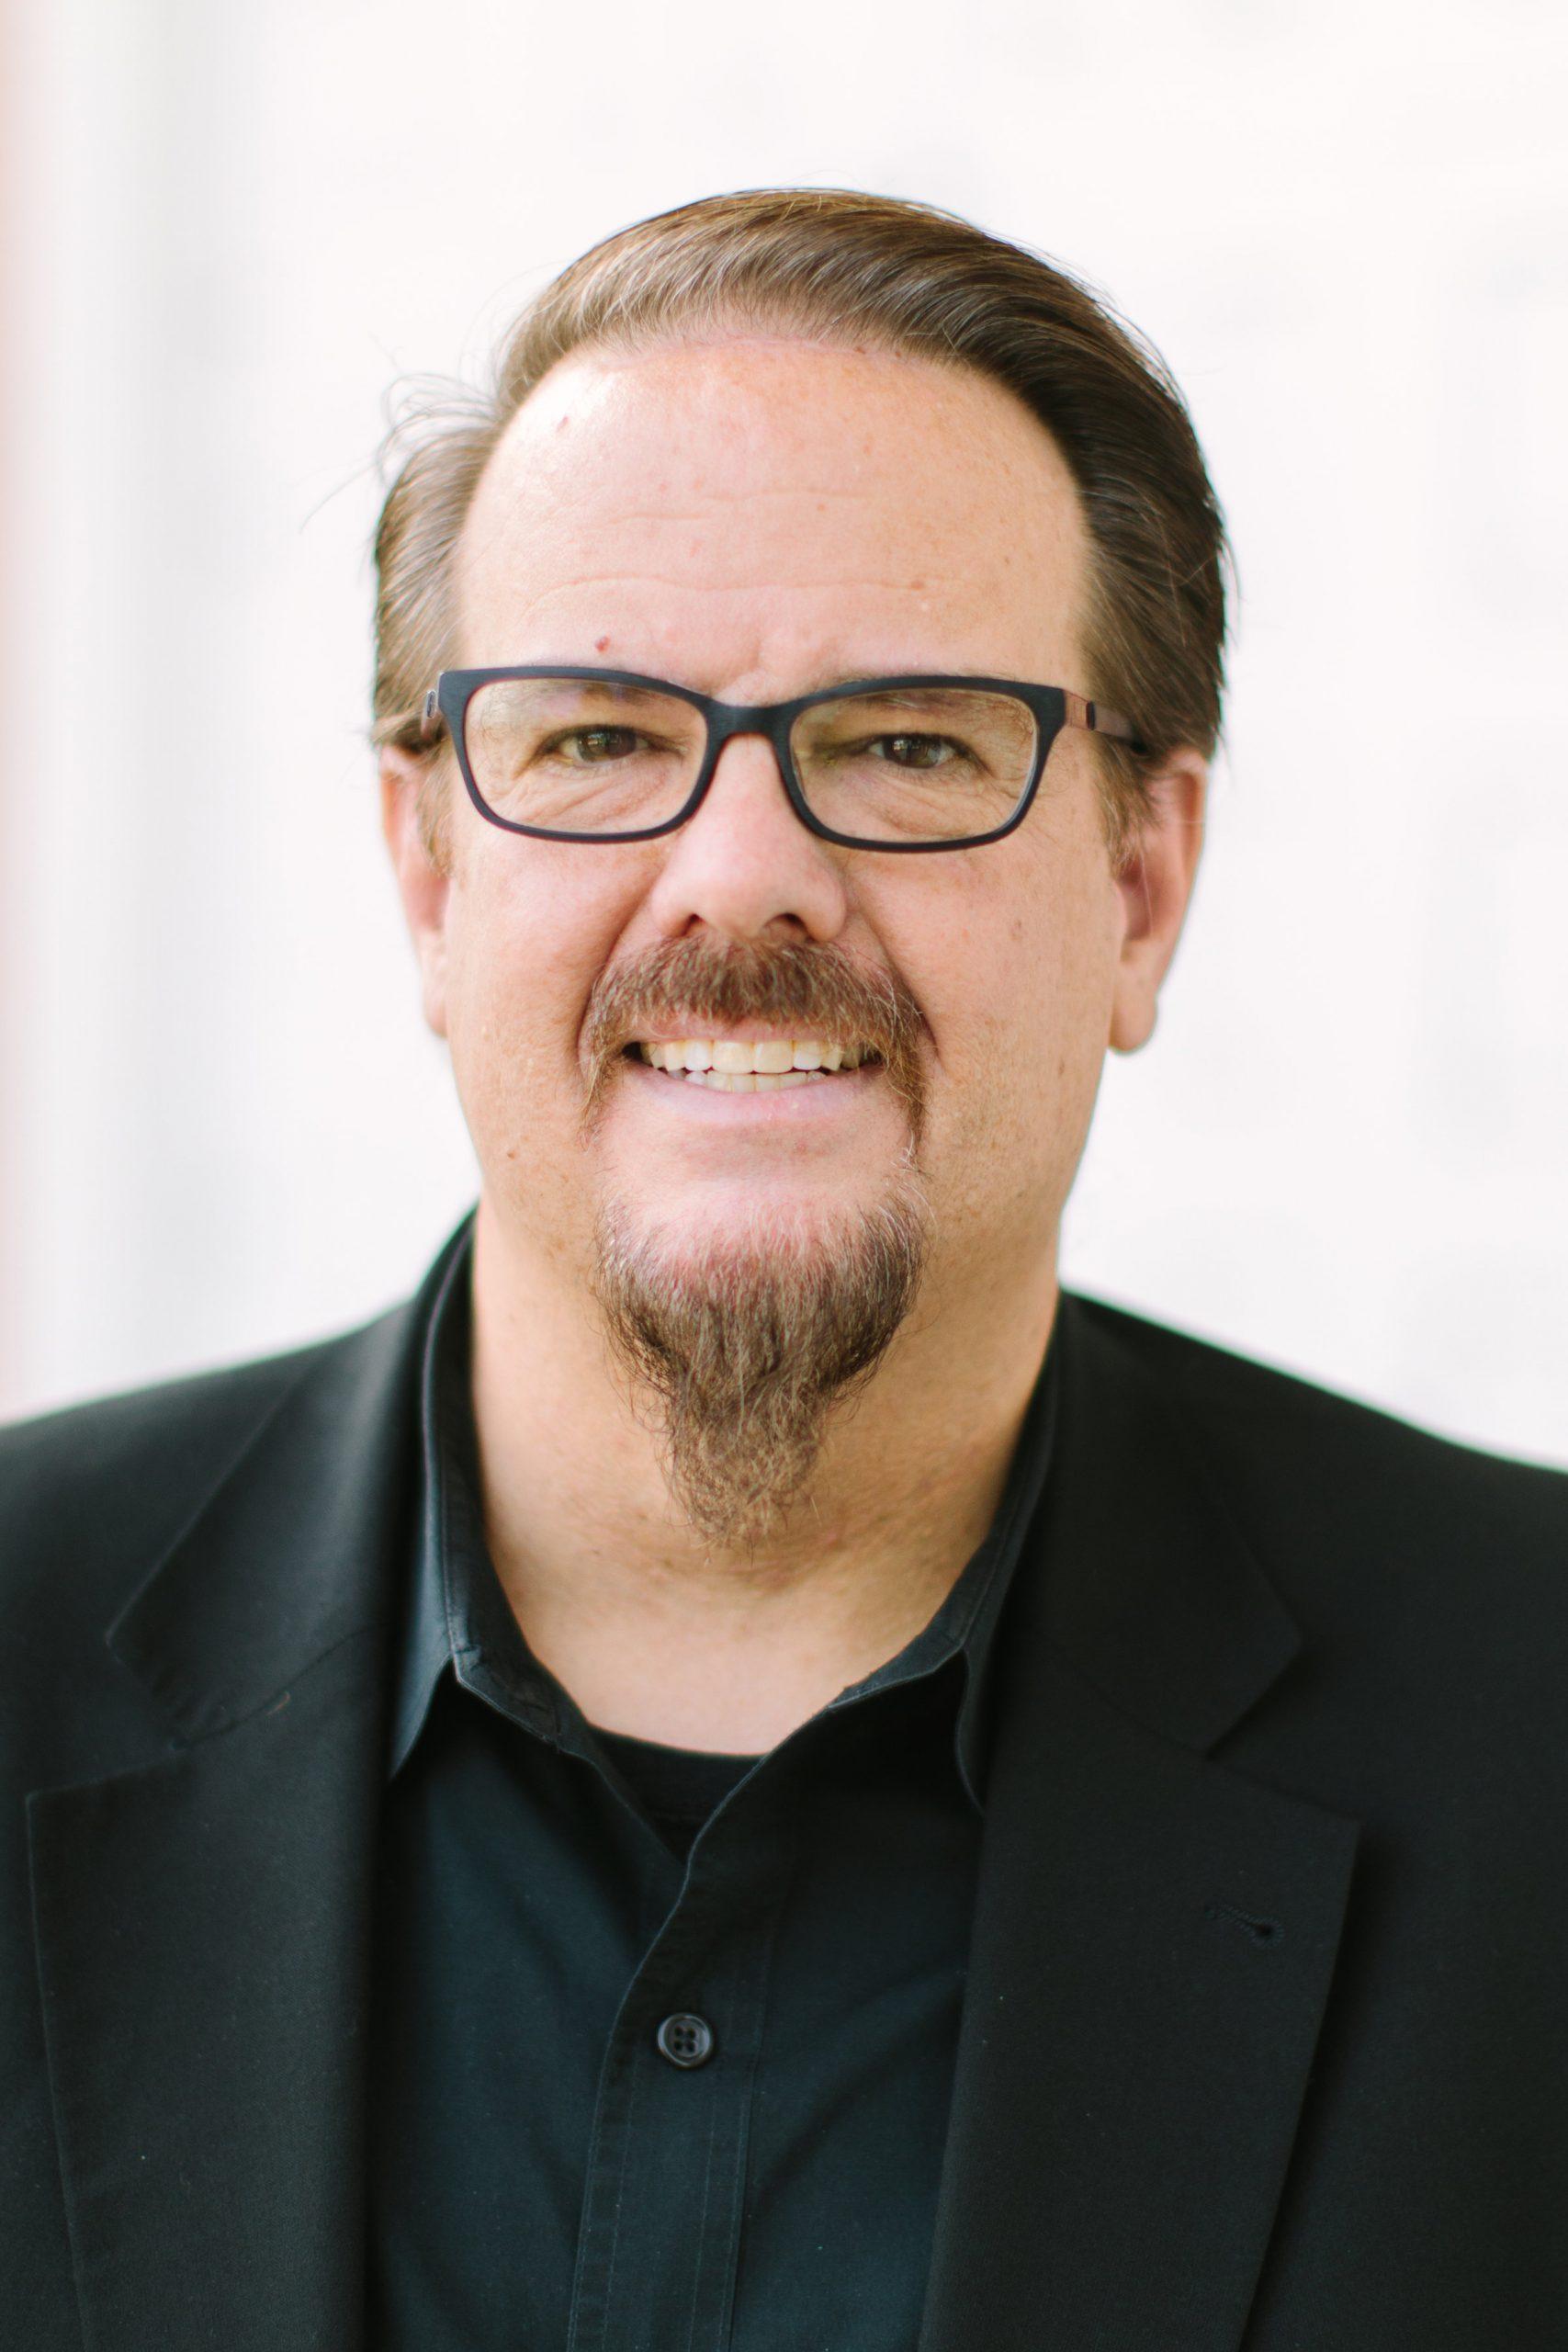 Dr. Ed Stetzer